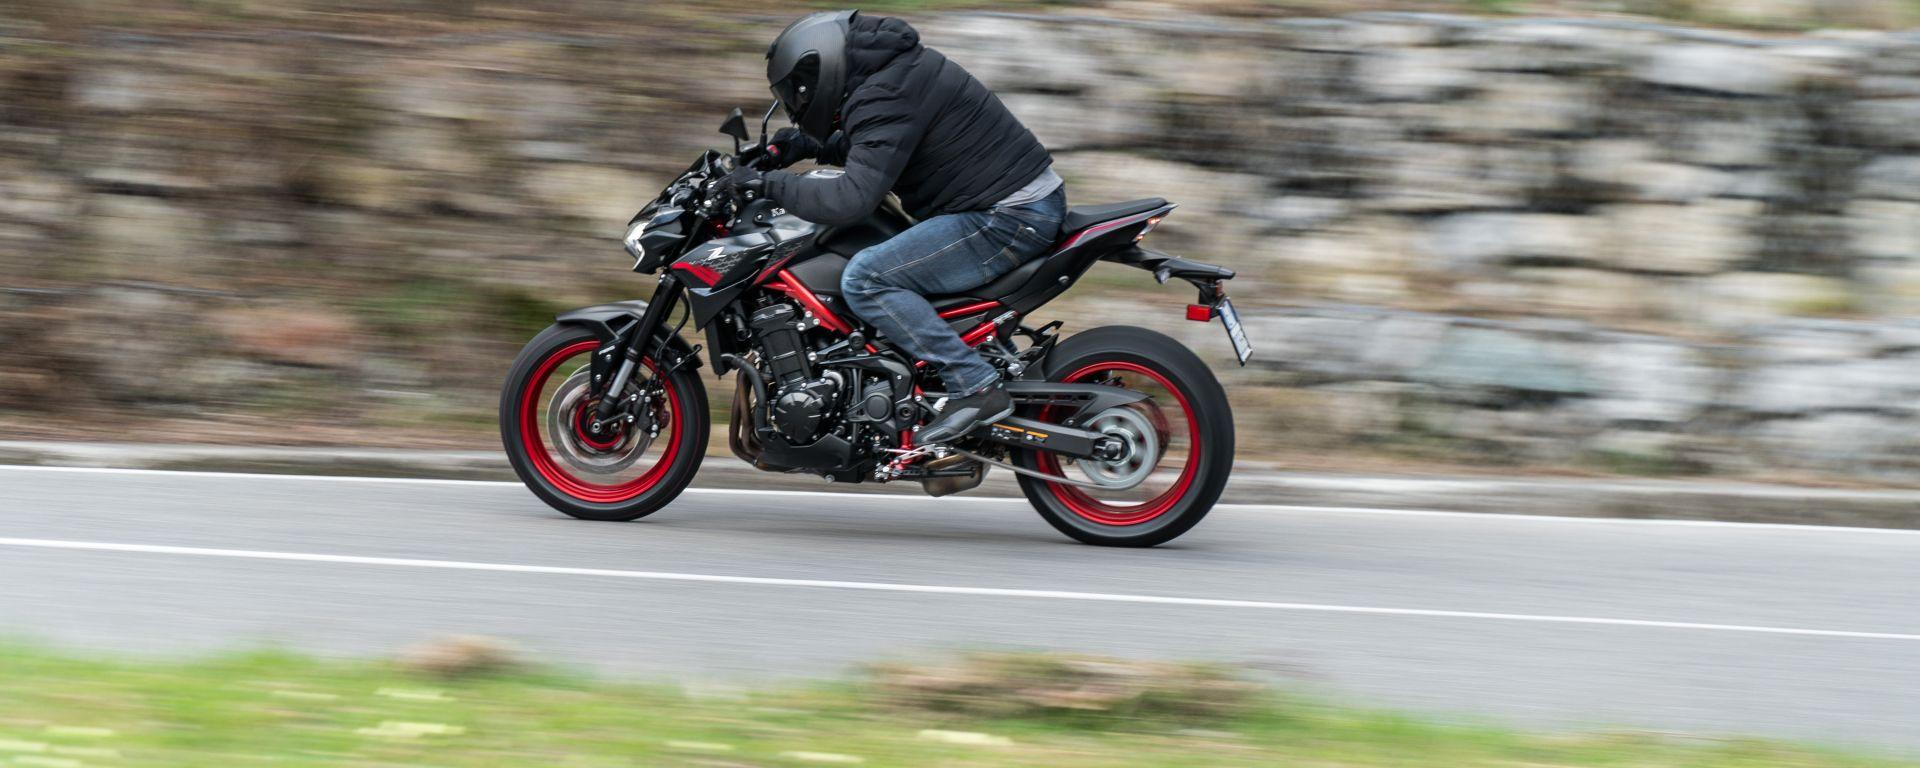 Kawasaki Z900 70 kW: il calo di prestazione non è facilmente percepibile